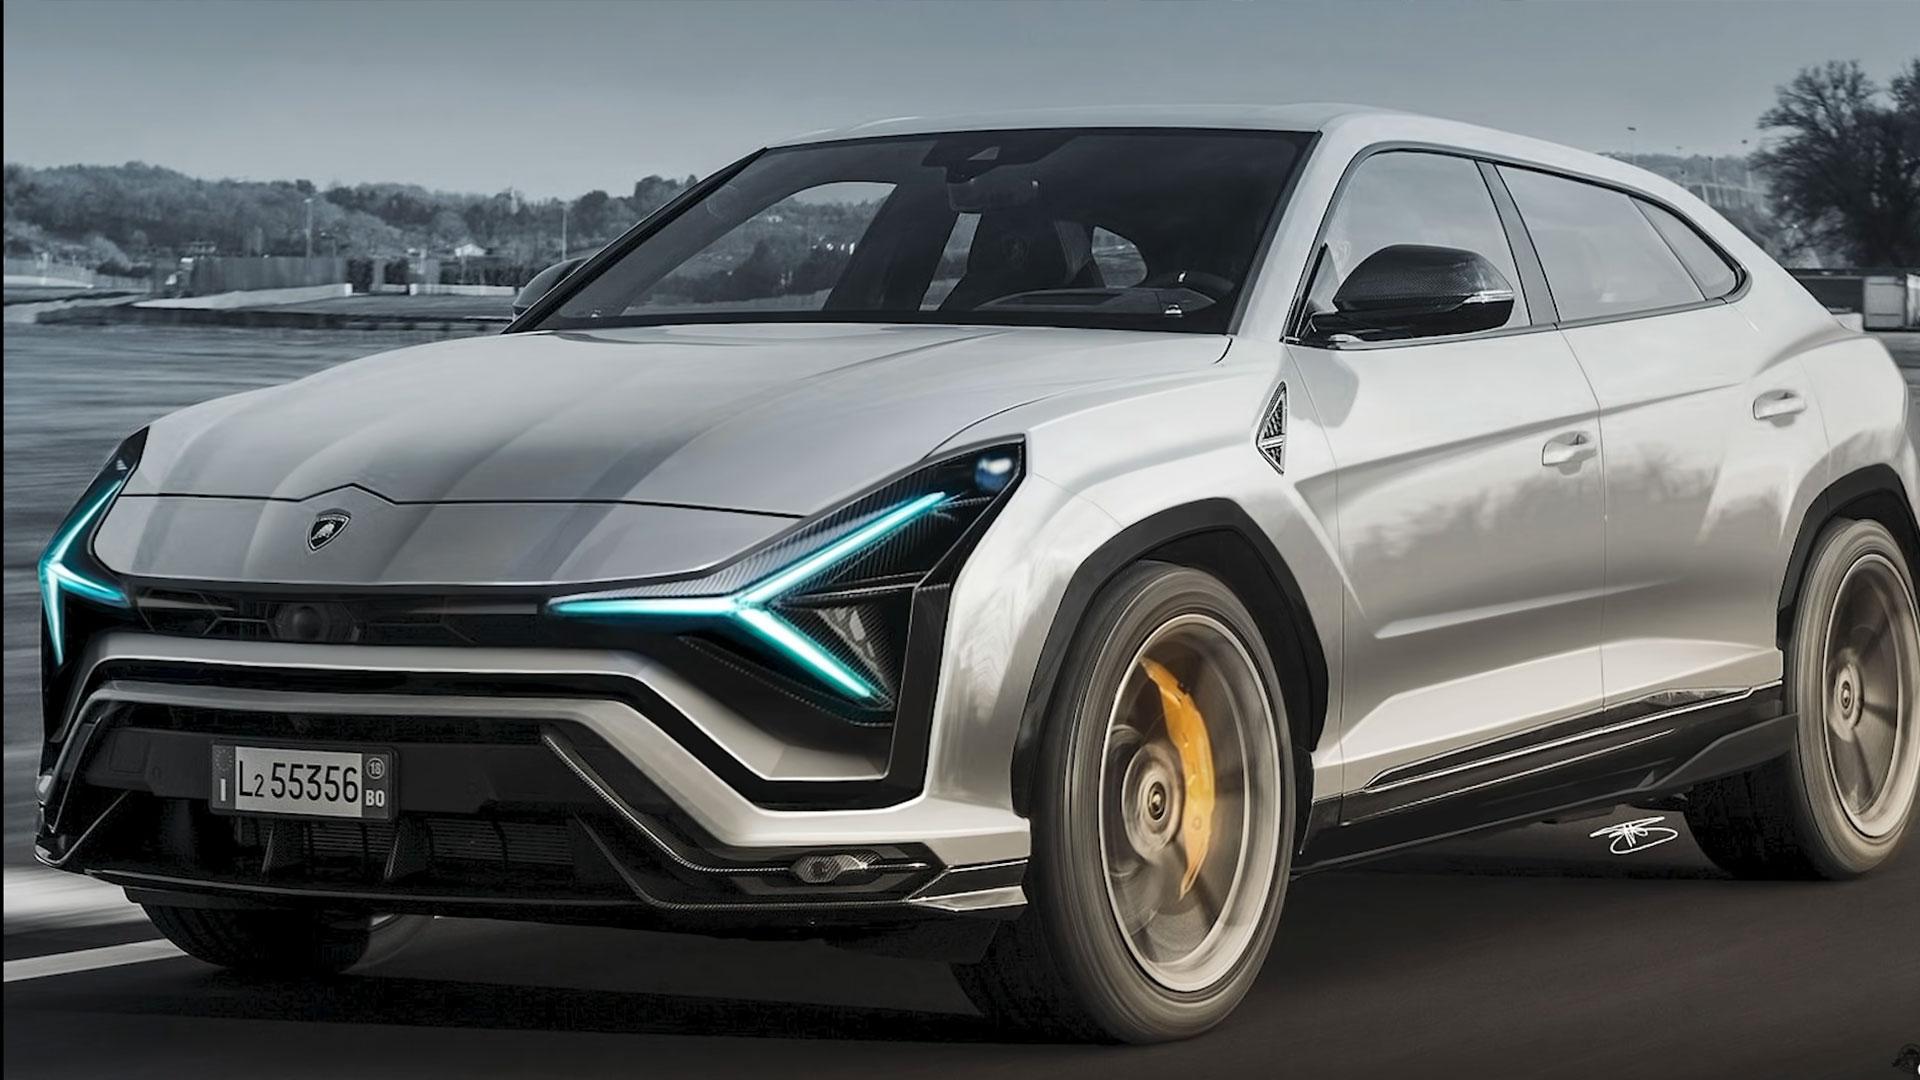 Zou deze onofficiële facelift van de Lamborghini Urus meer verkopers trekken?